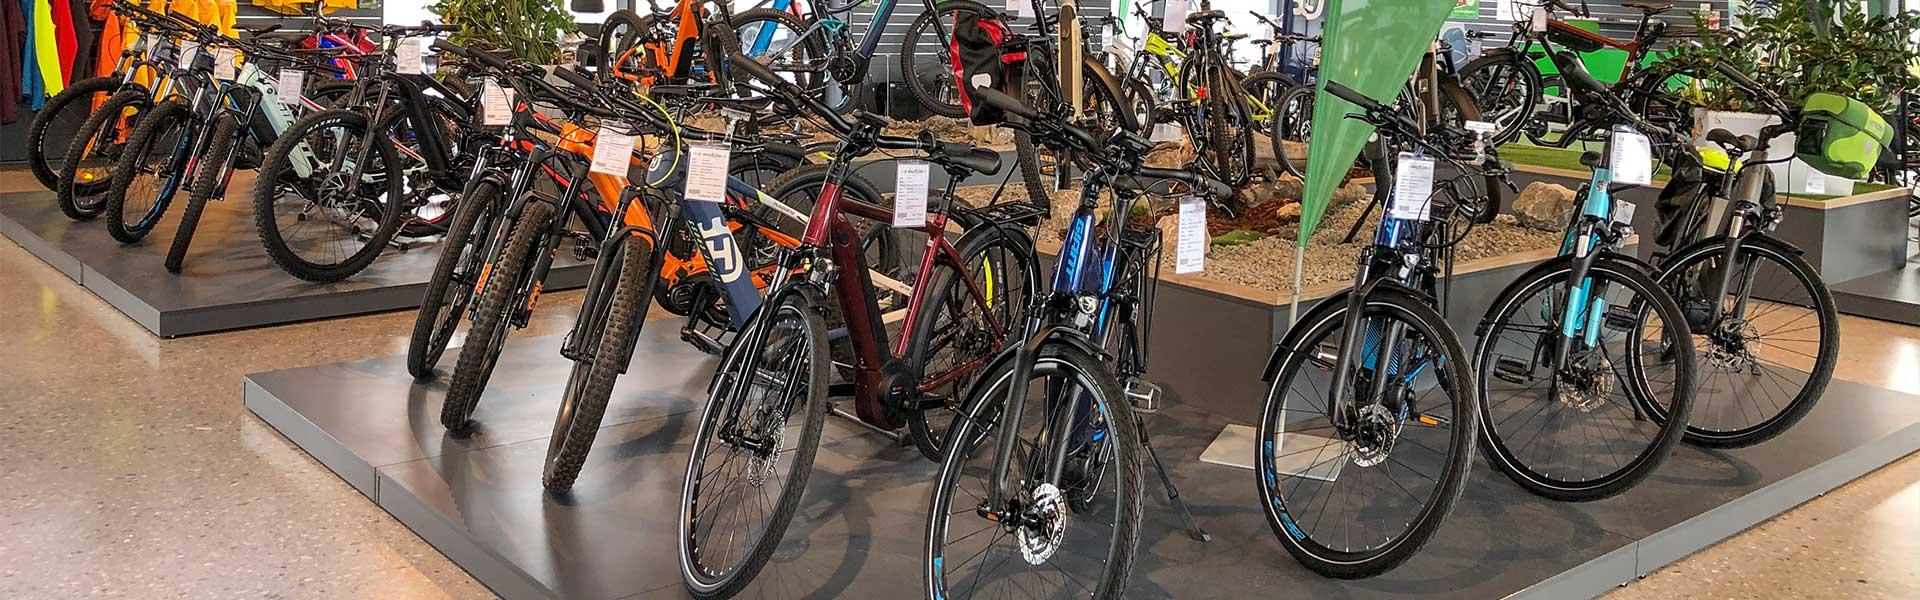 Die große Auswahl an Bikes in der e-motion e-Bike Welt Bad Hall